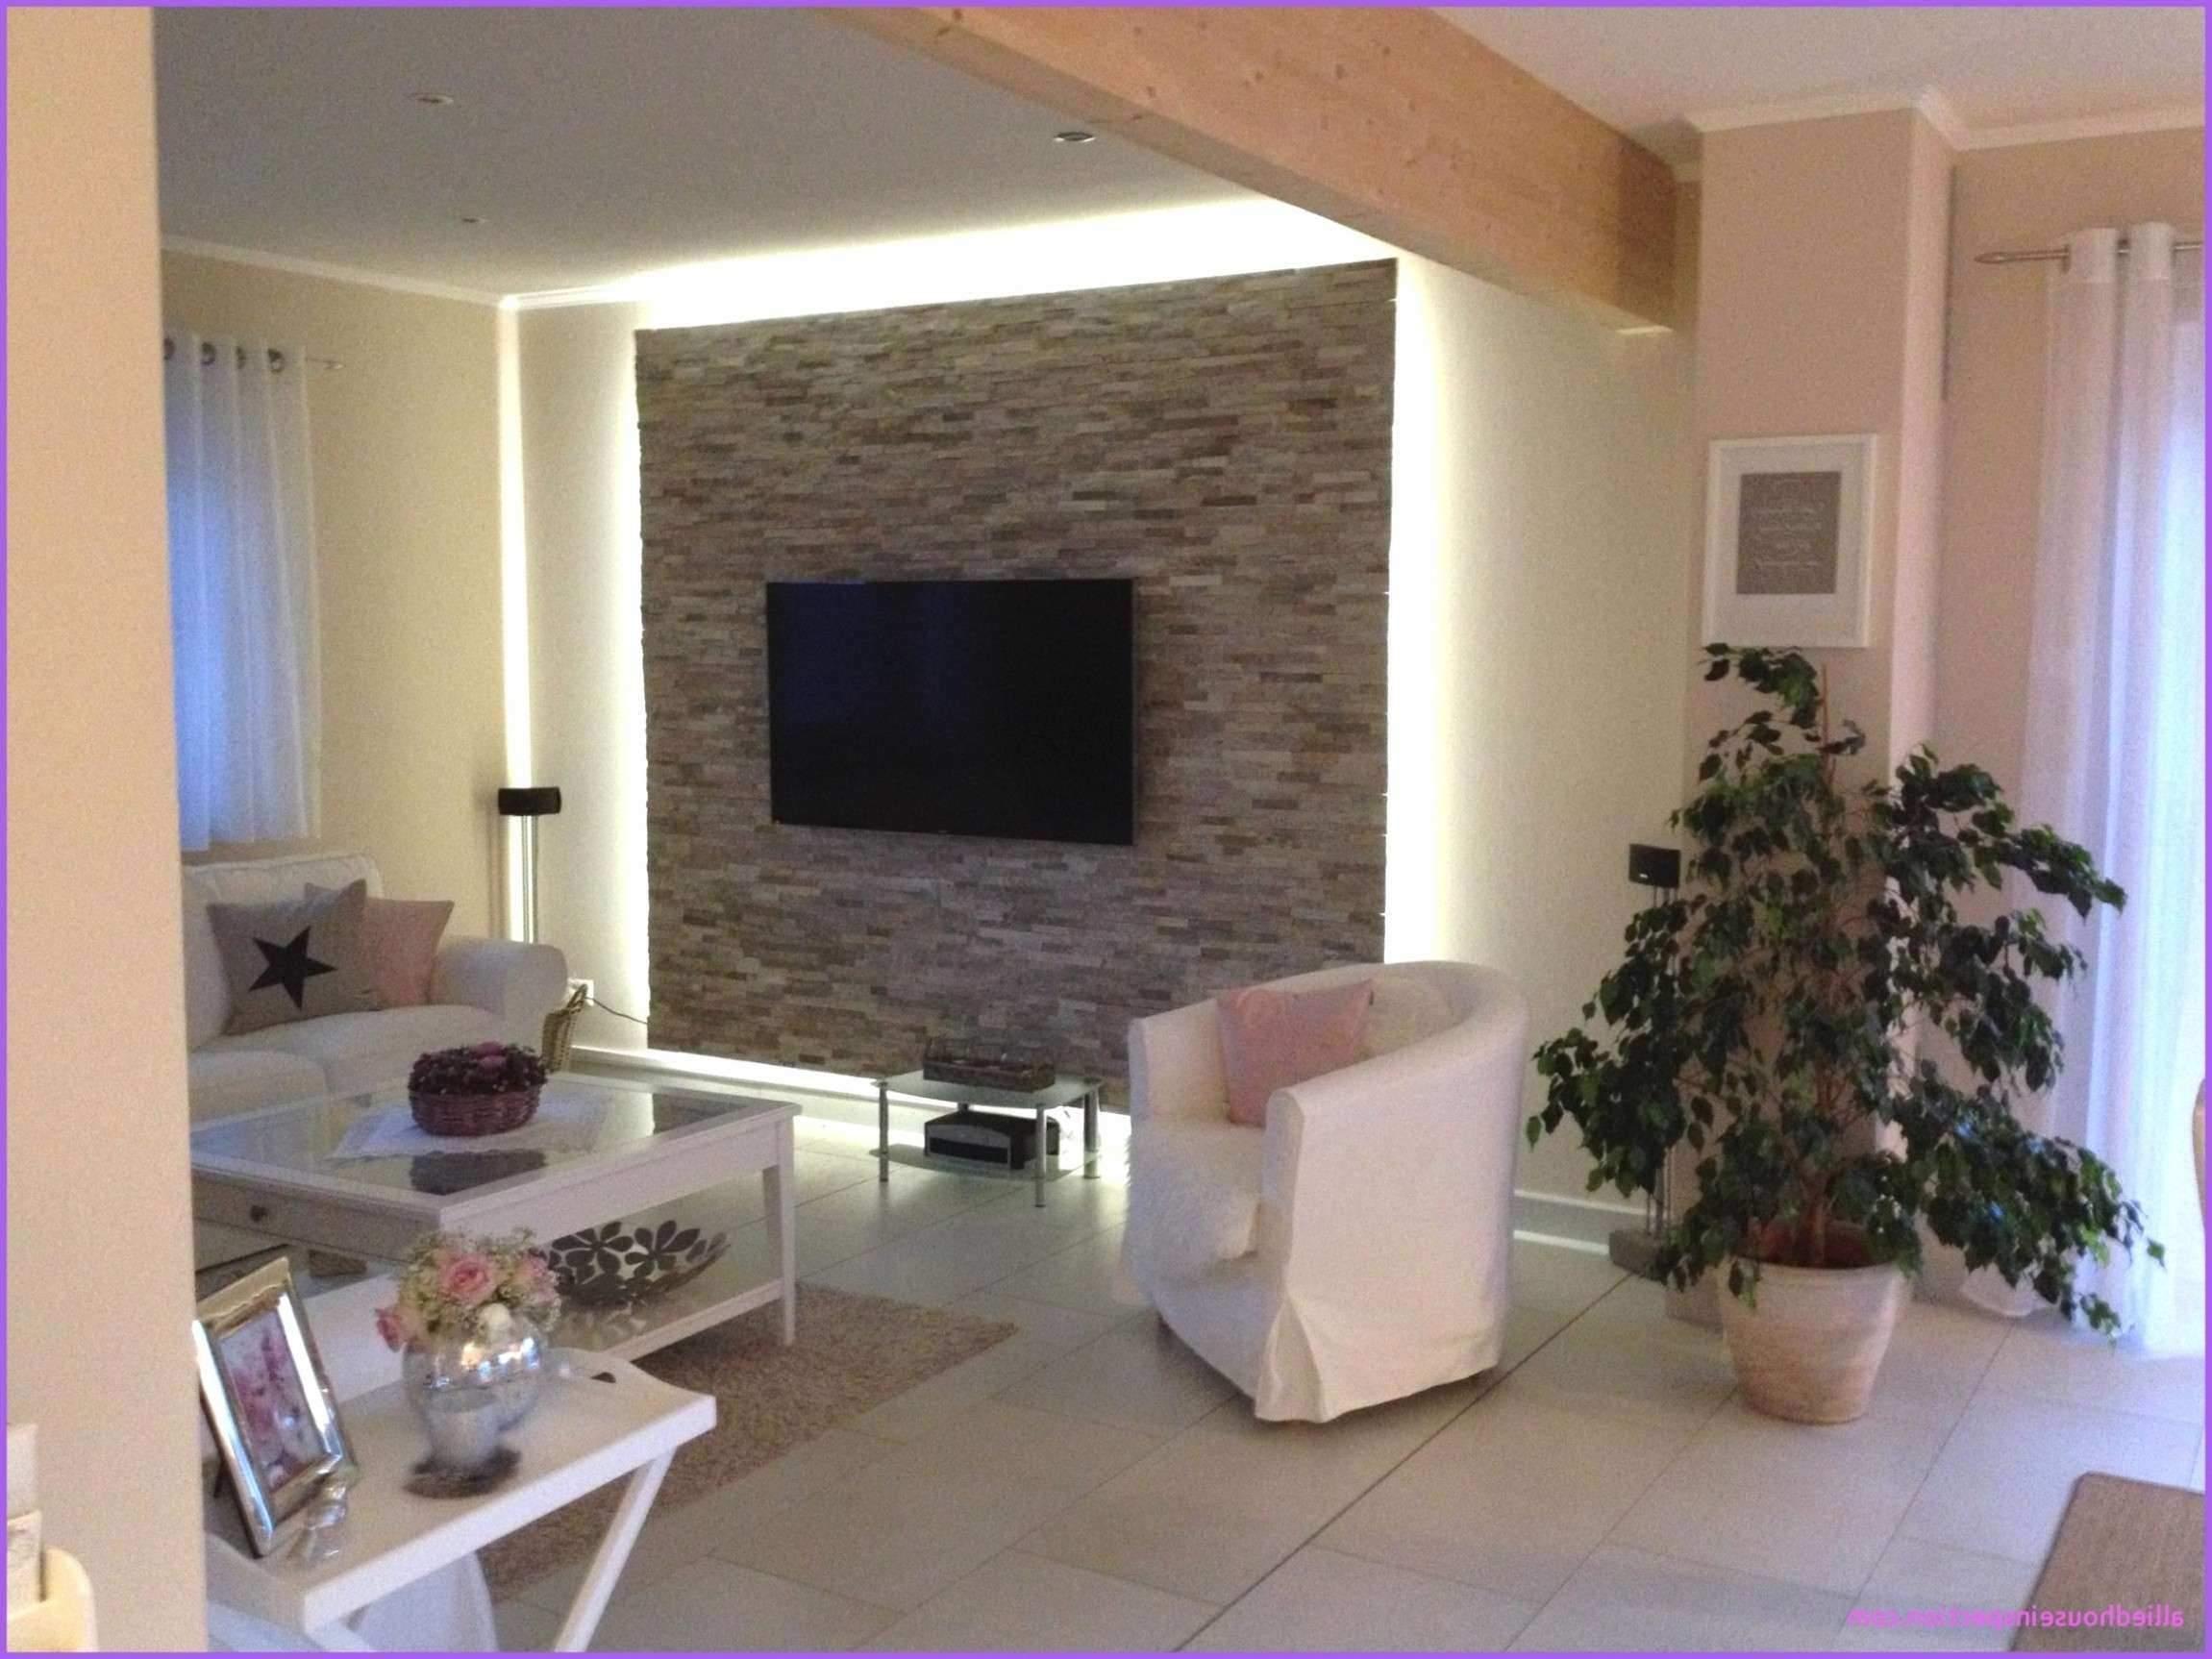 Full Size of Amerikanisches Wohnzimmer Reizend Neu Wohnzimmer Decken Gestalten Wohnzimmer Wohnzimmer Decken